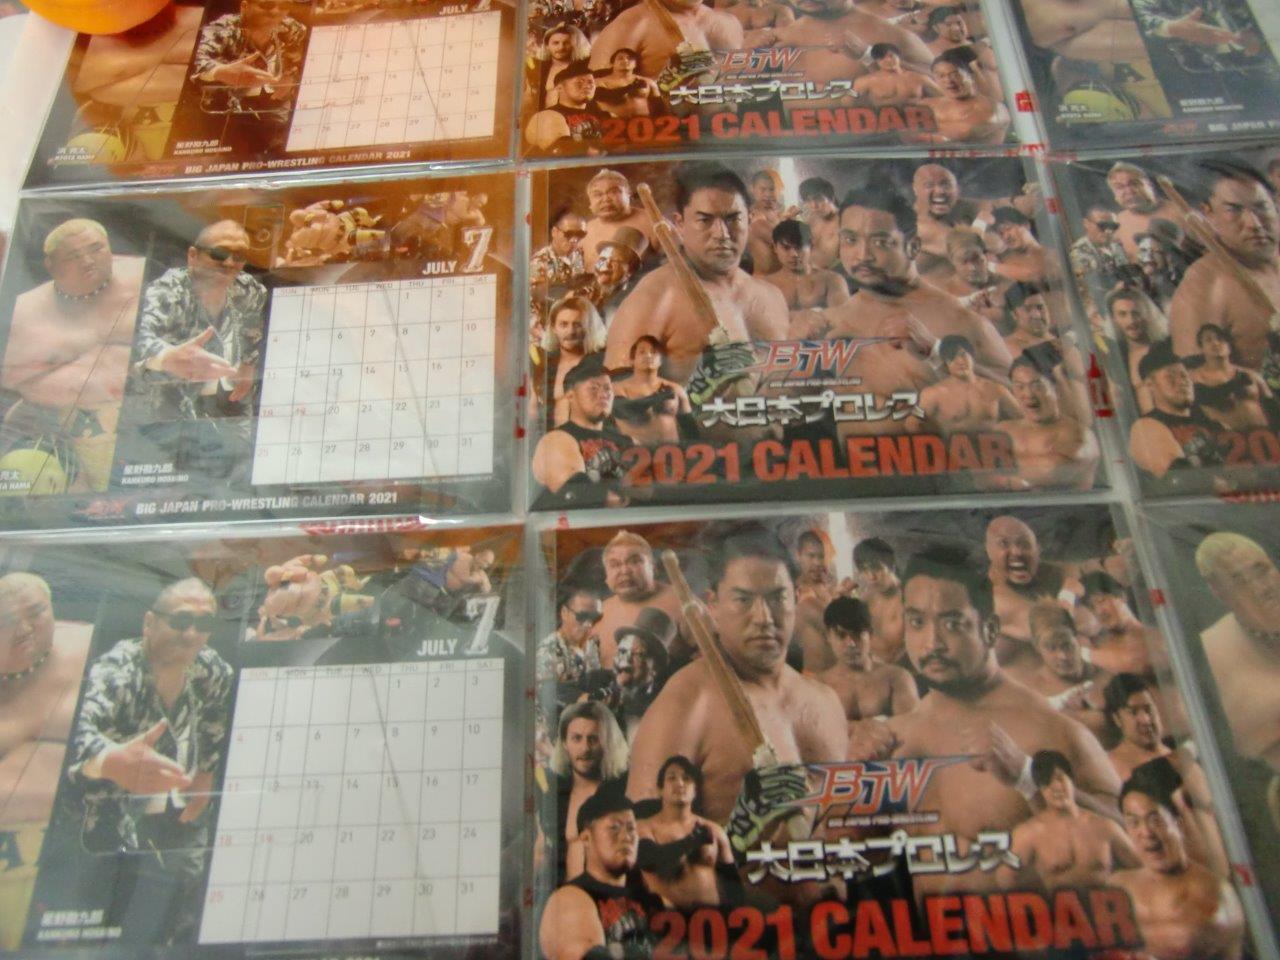 大日本プロレス2021年卓上カレンダー